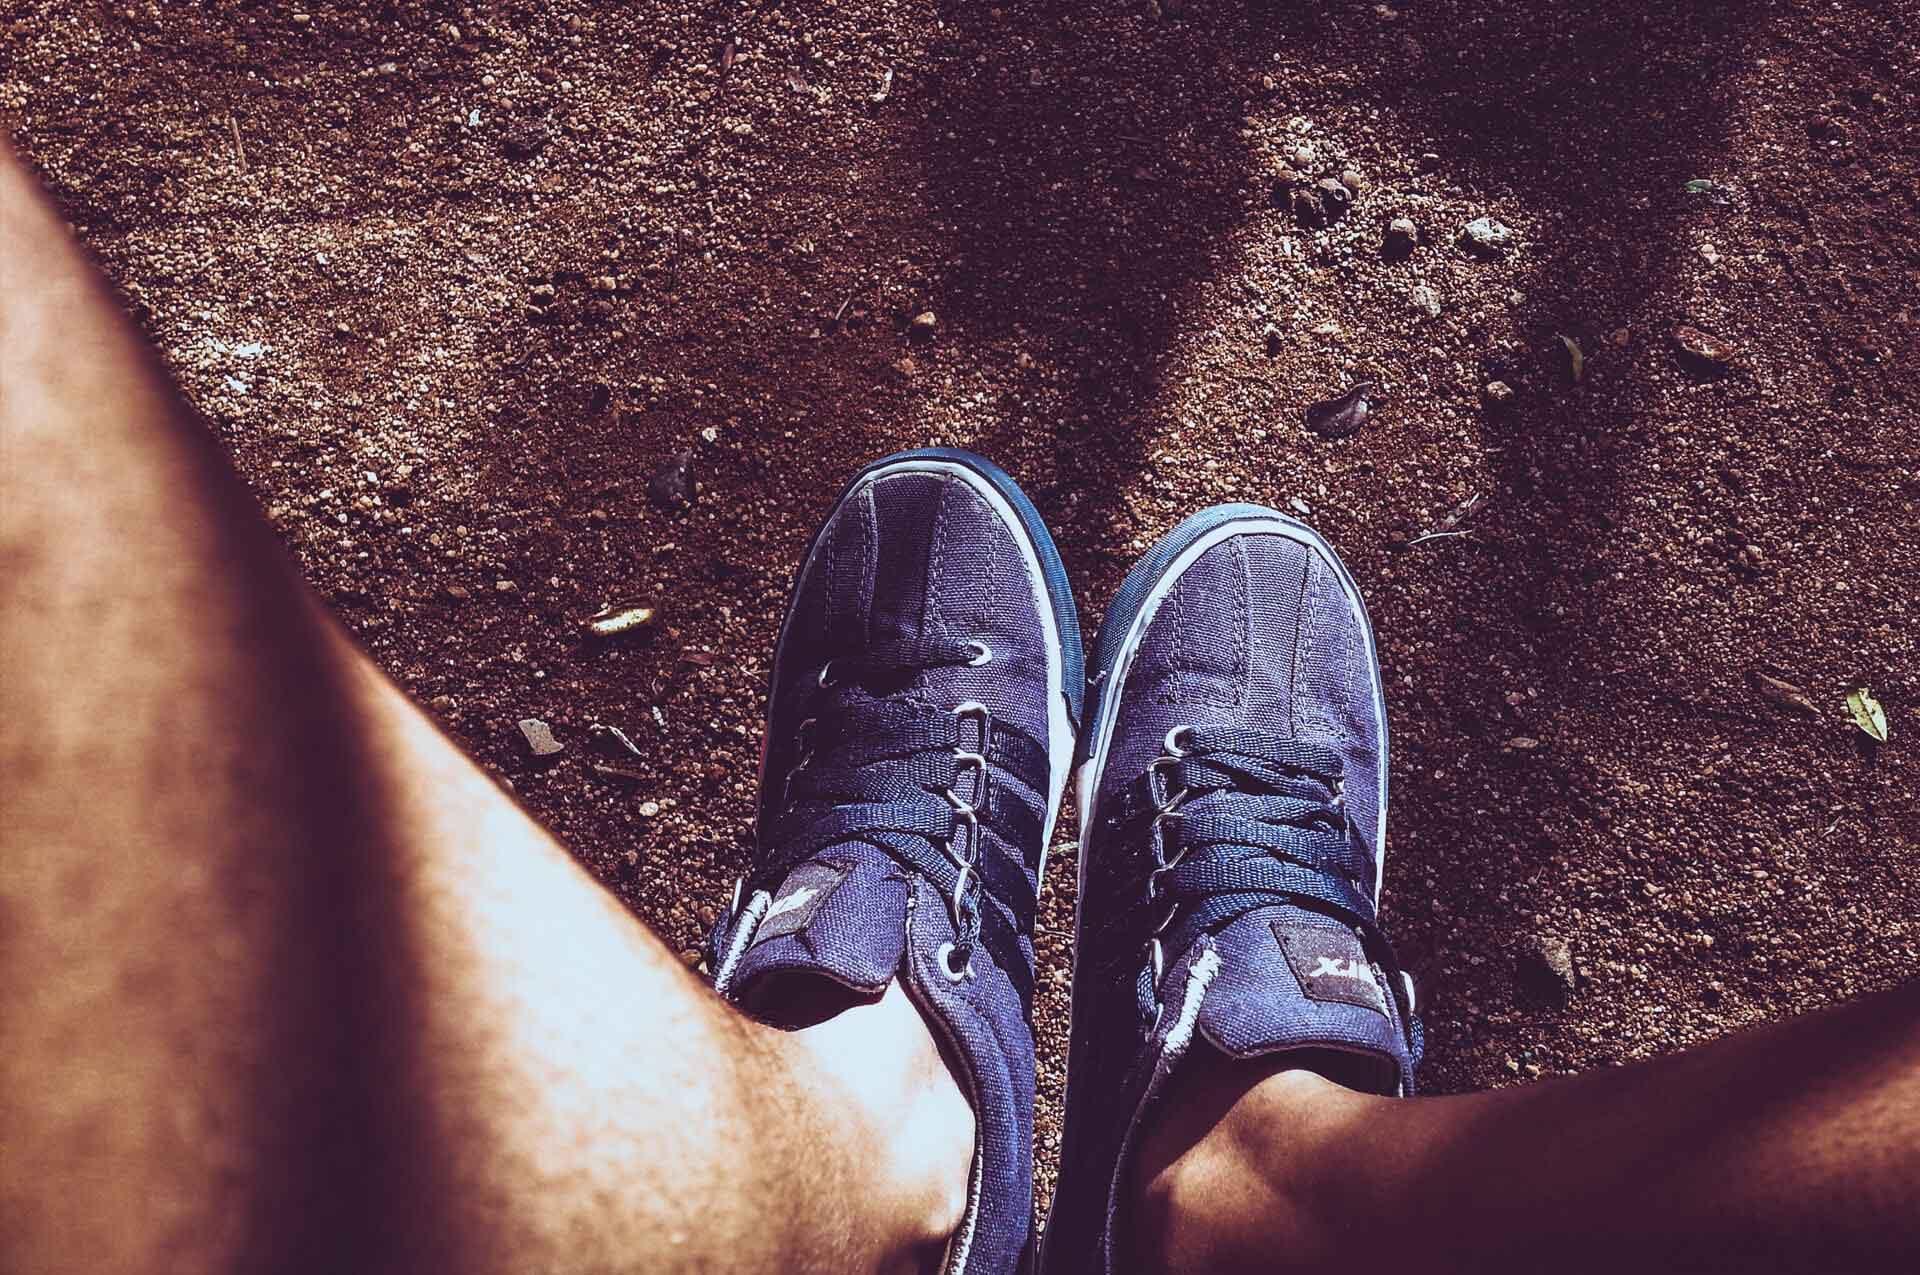 Mijn basis voor hardlopen ligt op de weg